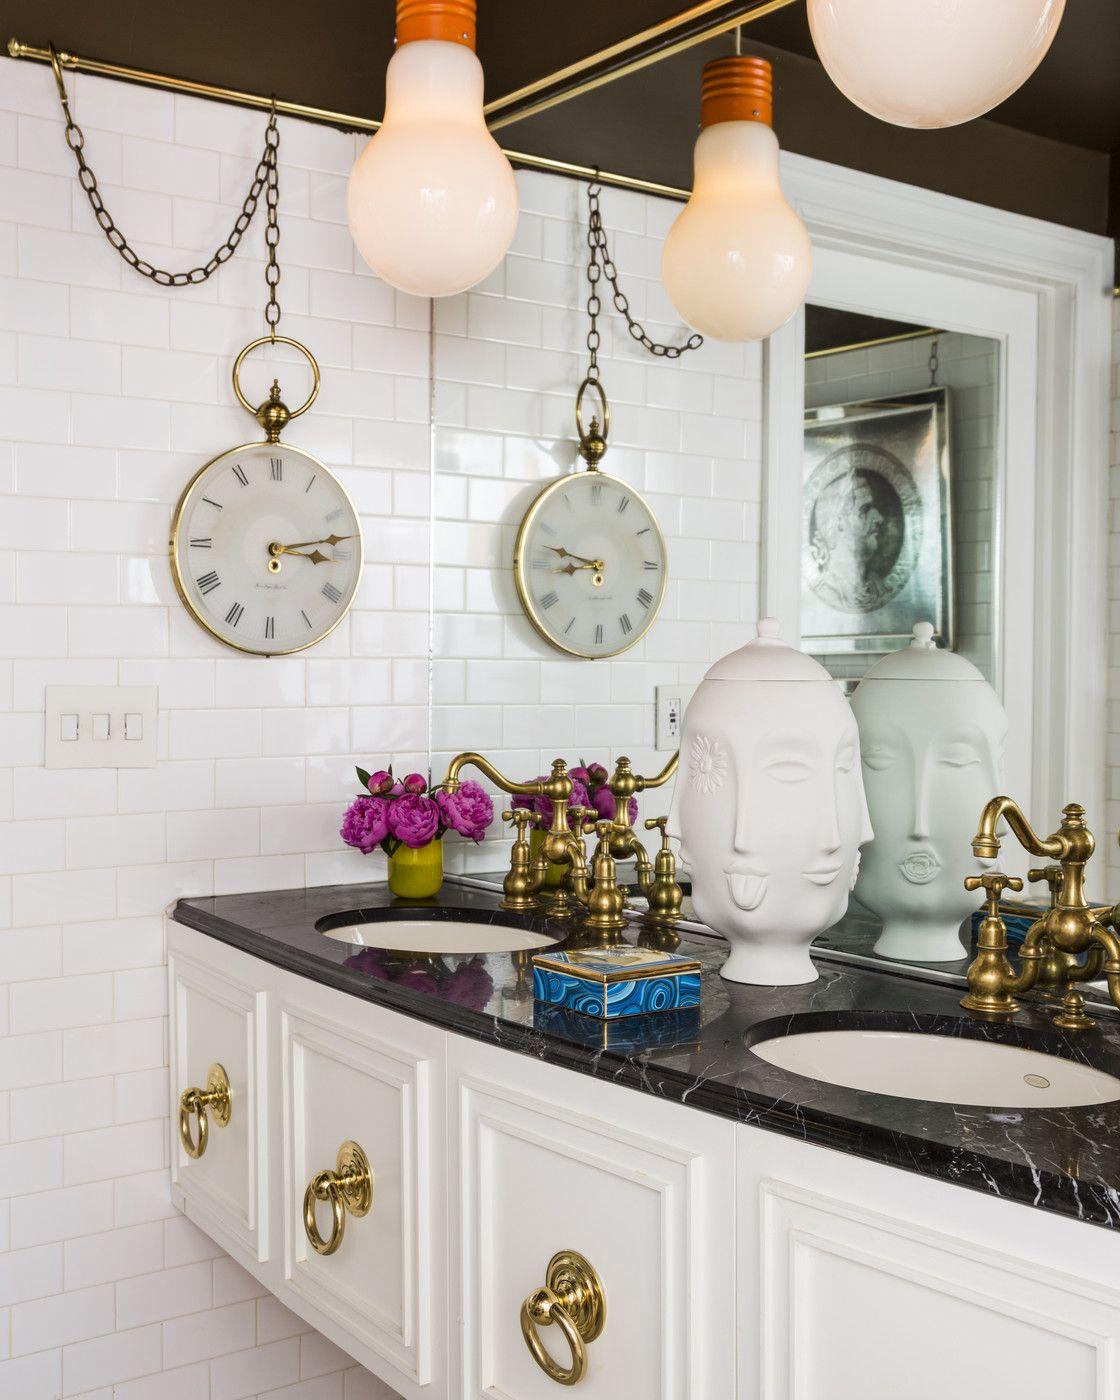 Bathroom Photos | Bathroom photos, Marbles and Drawers